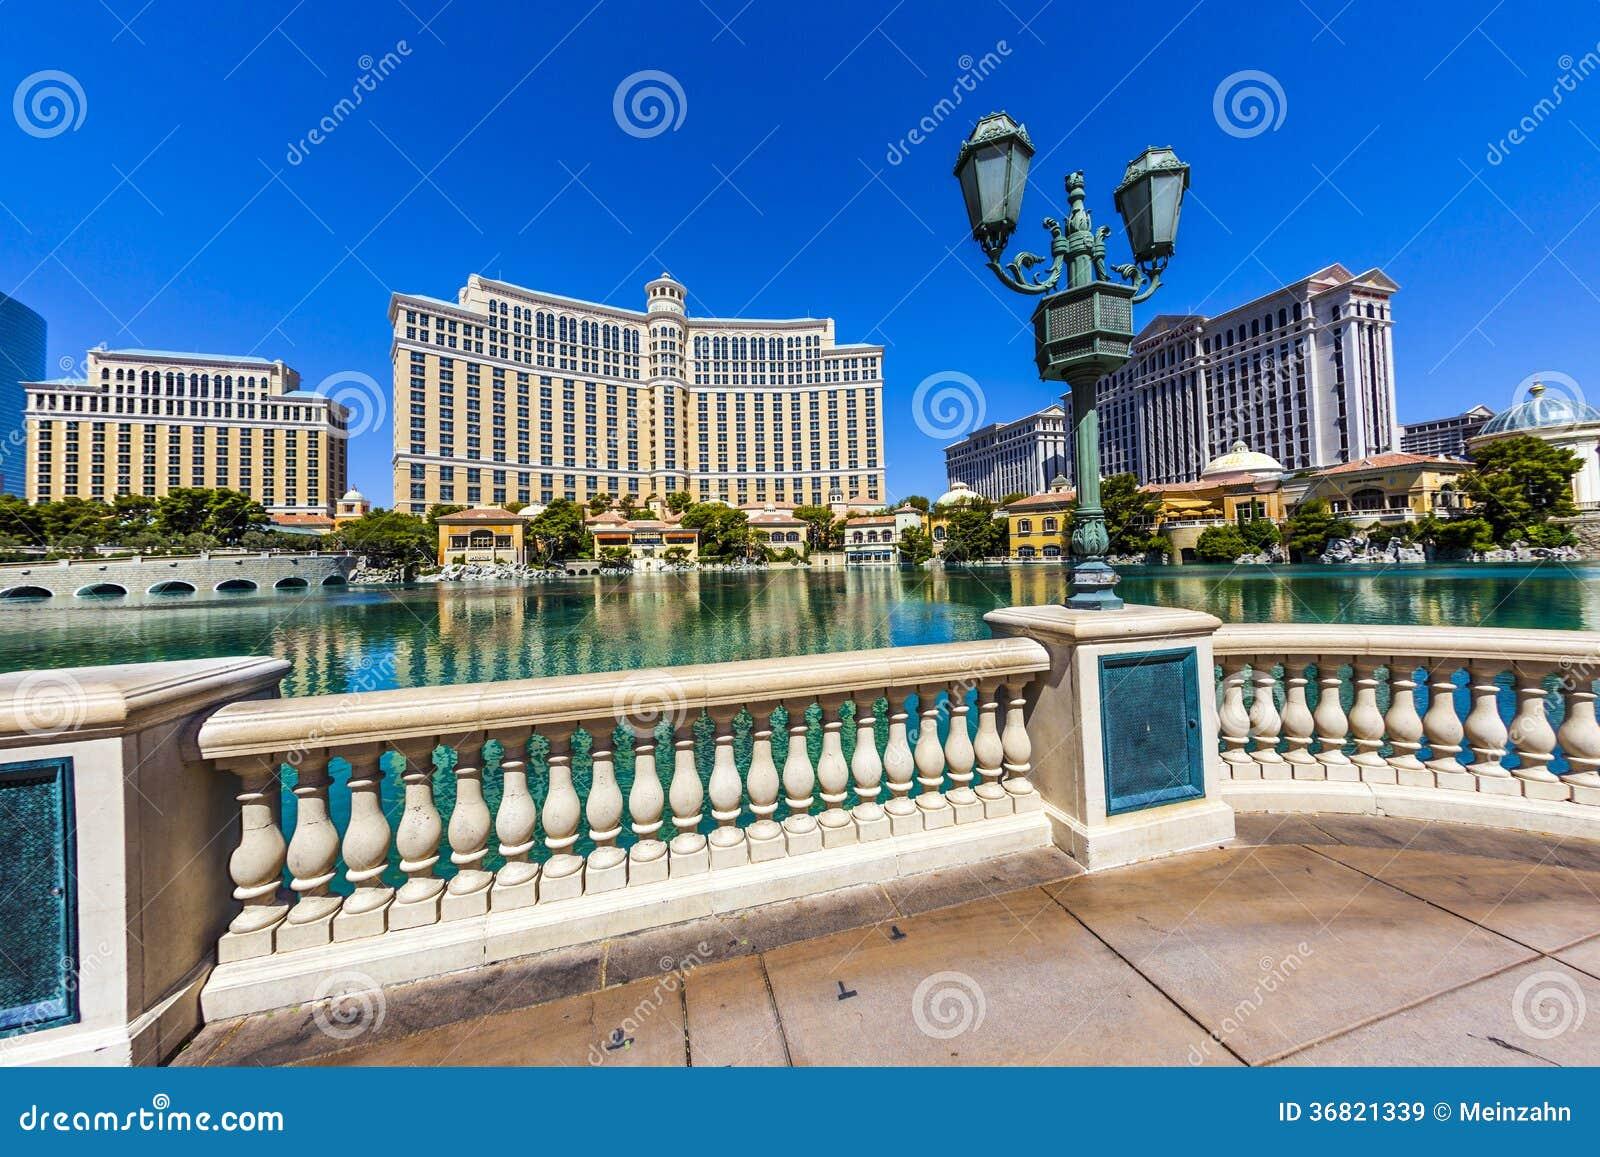 Hotel de lujo bellagio en las vegas imagen de archivo - Hotel de lujo en granada ...